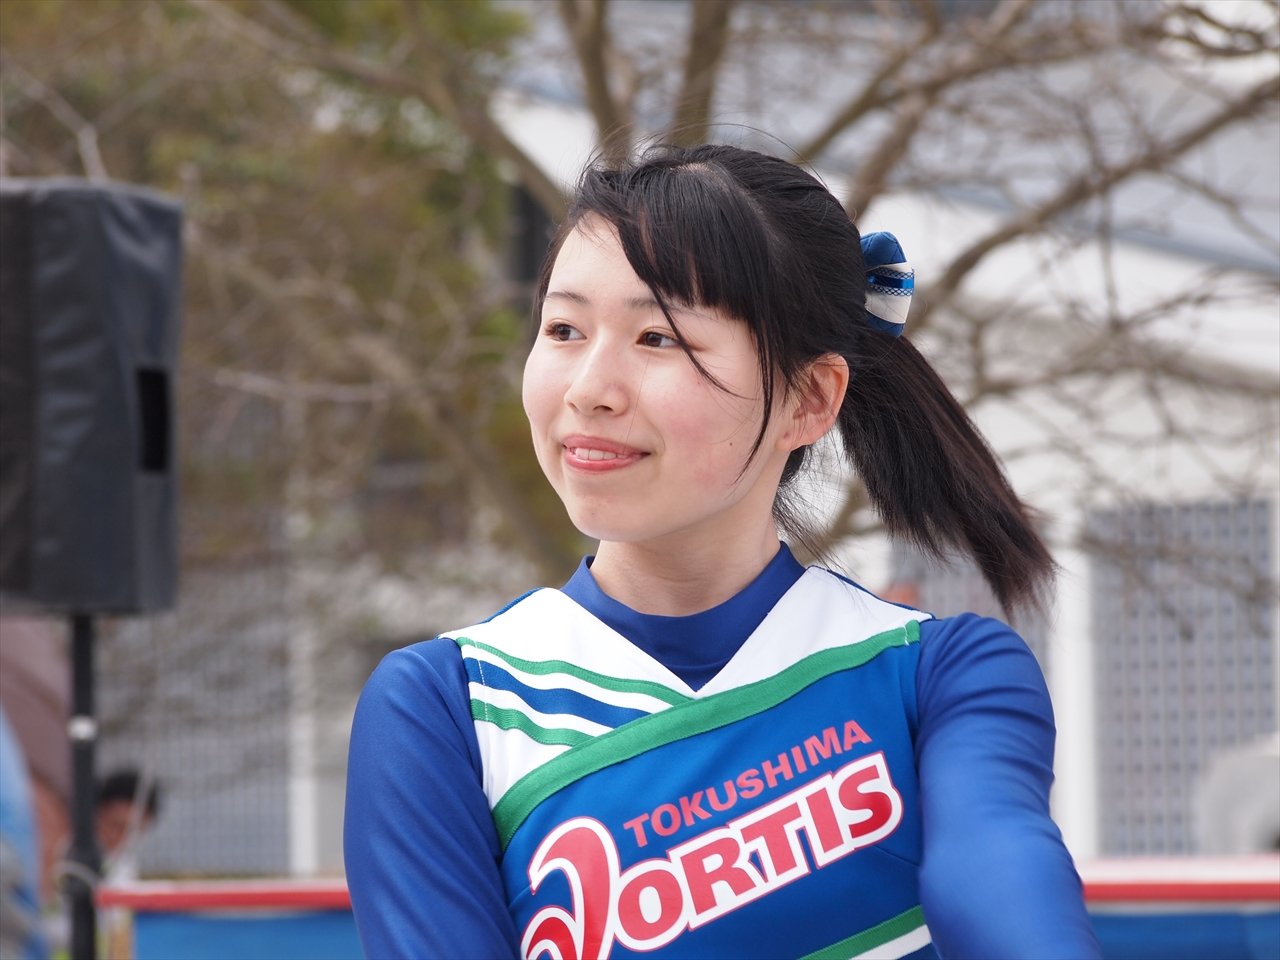 徳島ヴォルティスvsアルビレックス新潟 現地観戦レポート BLUE SPIRIT(ブルー・スピリット) とわちゃん